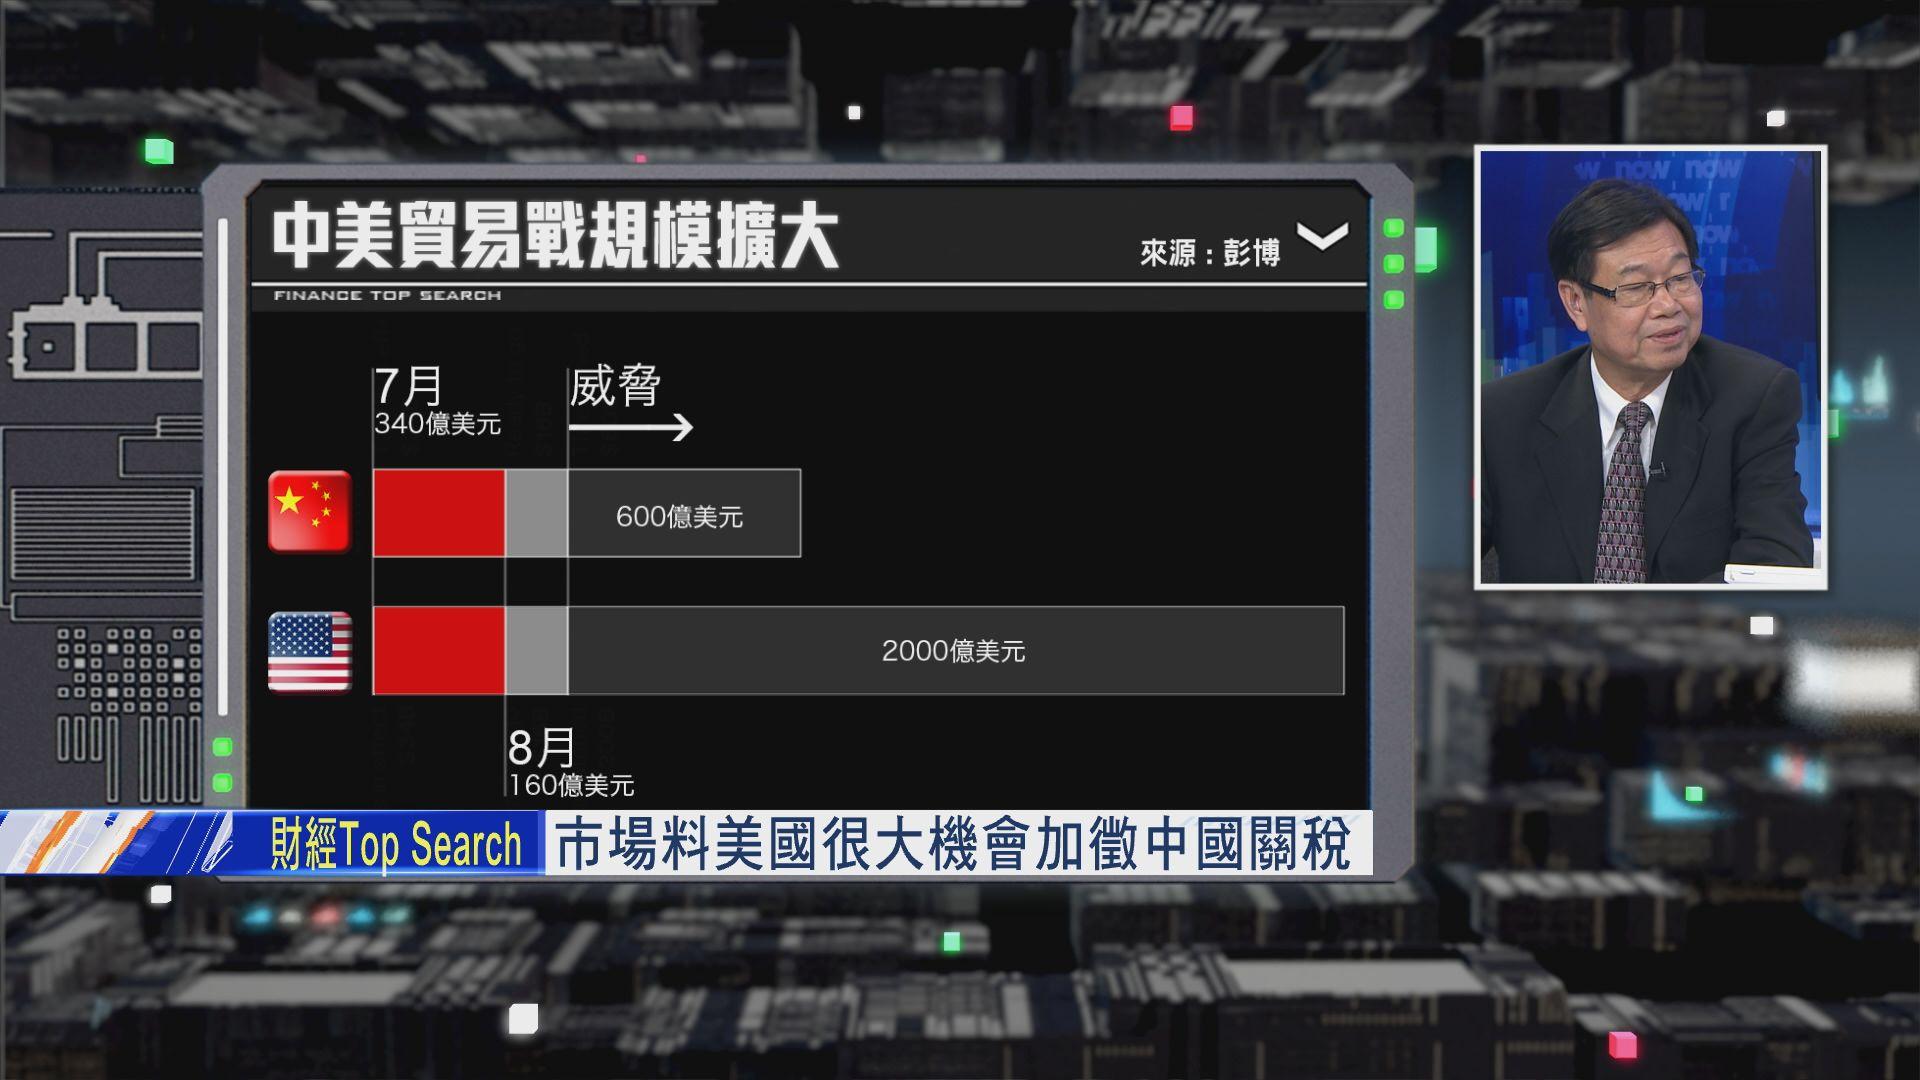 【財經TOP SEARCH】戰亂都有「相對」強勢股?(上)